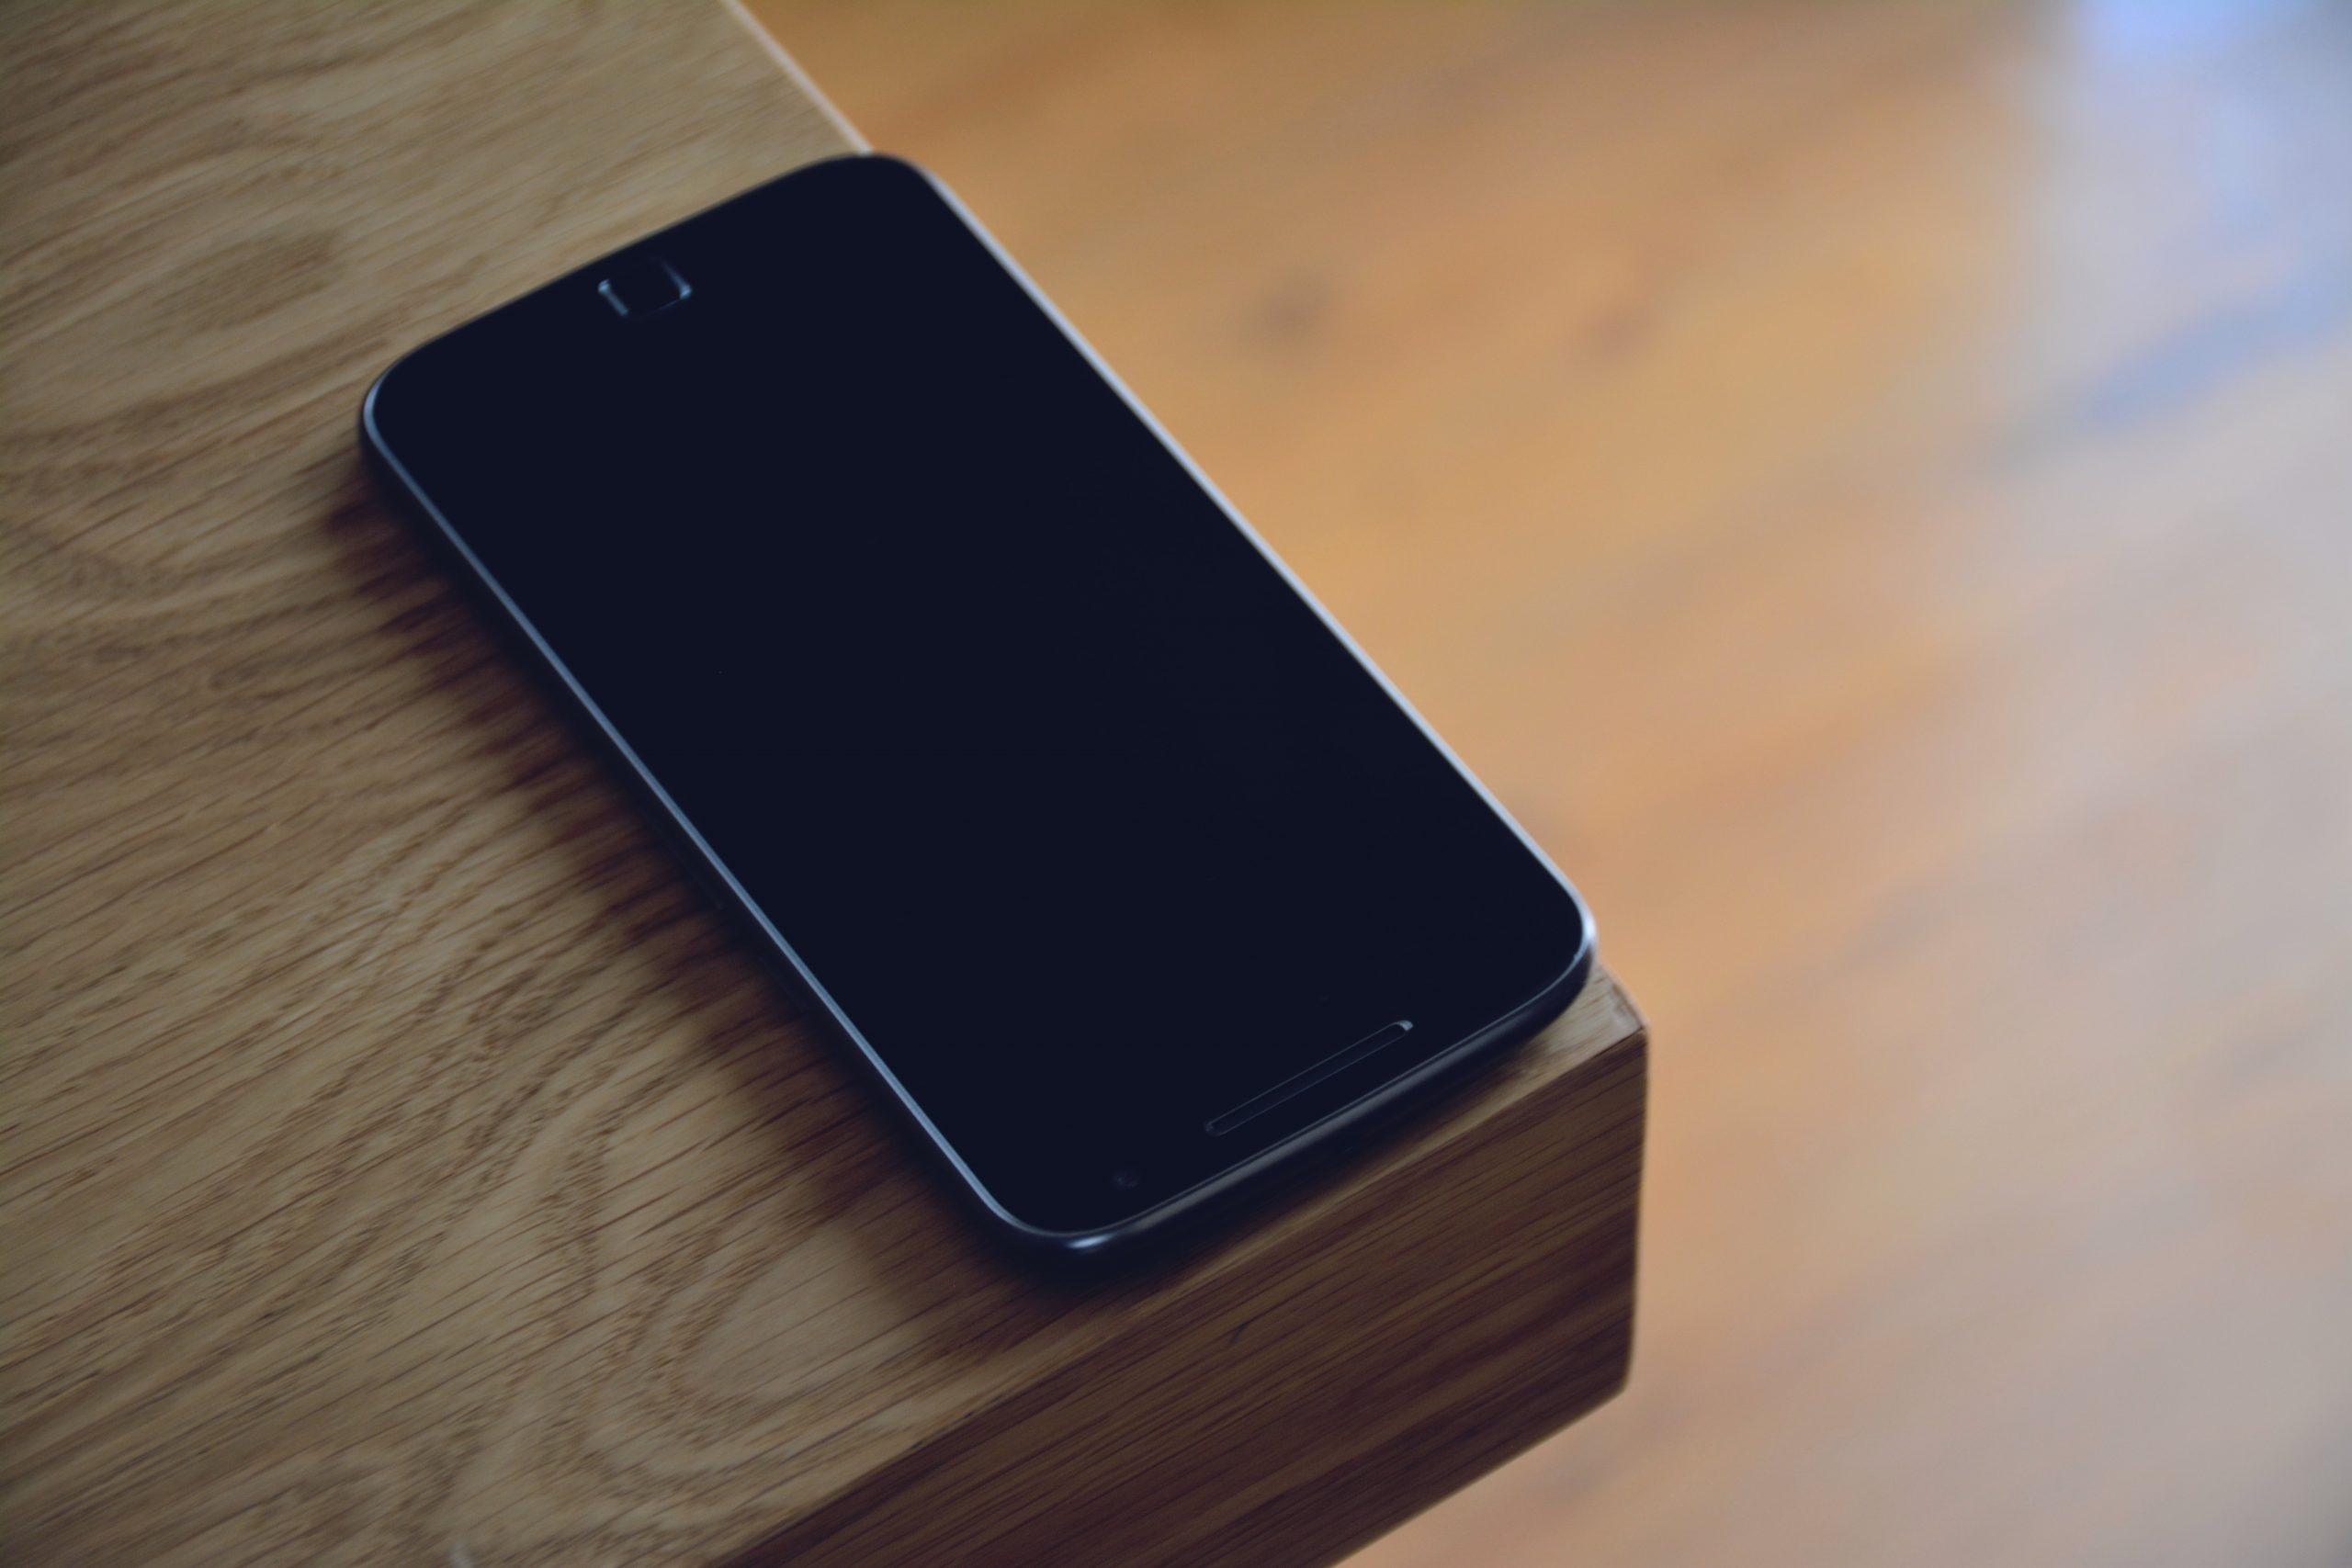 Imagem mostra um celular Motorola sobre uma mesa.